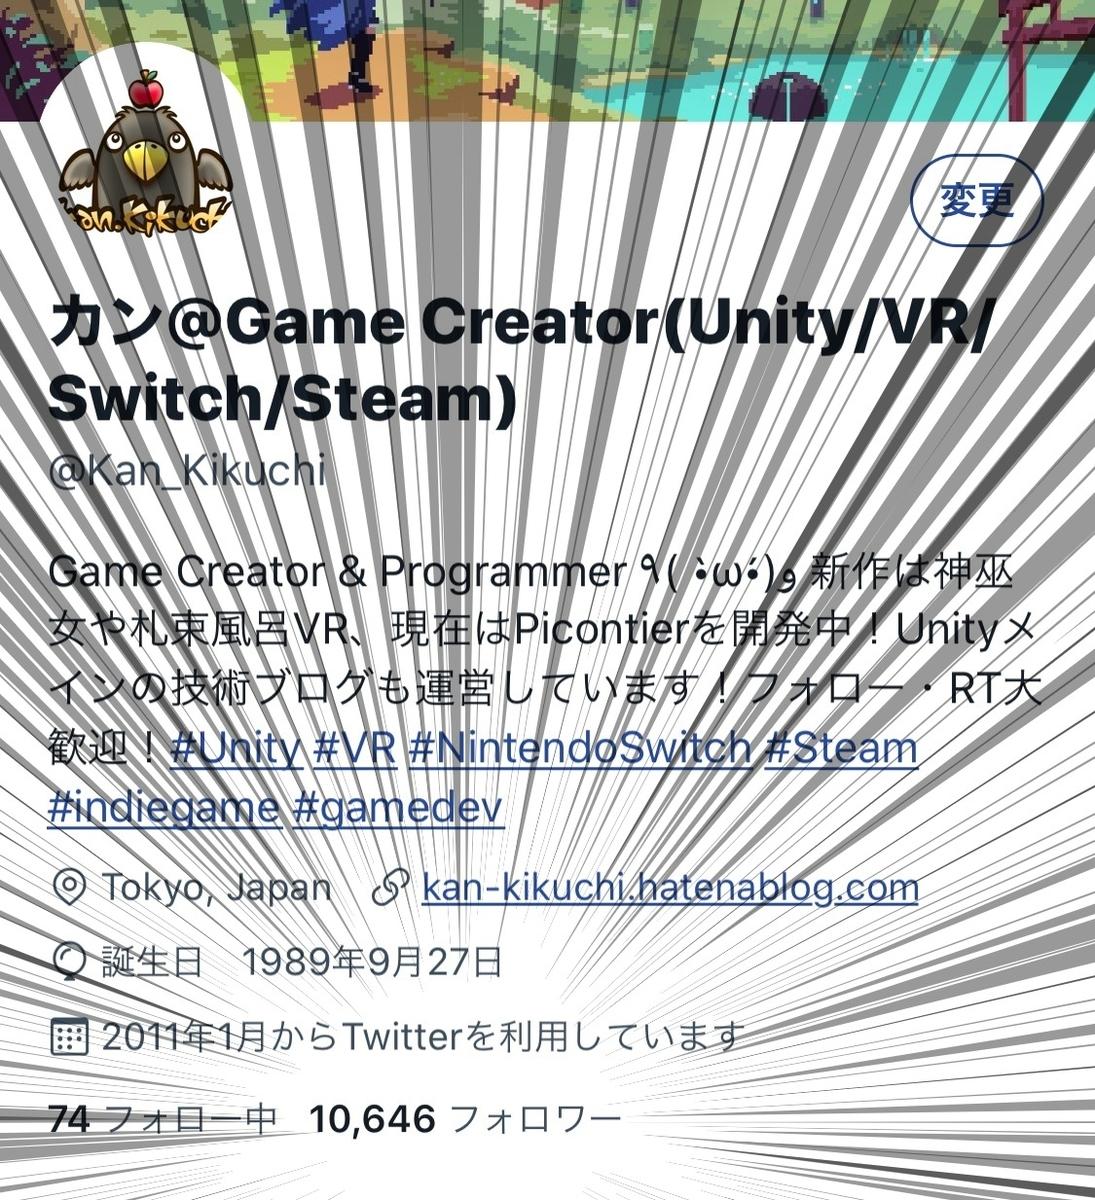 f:id:kan_kikuchi:20200102065223j:plain